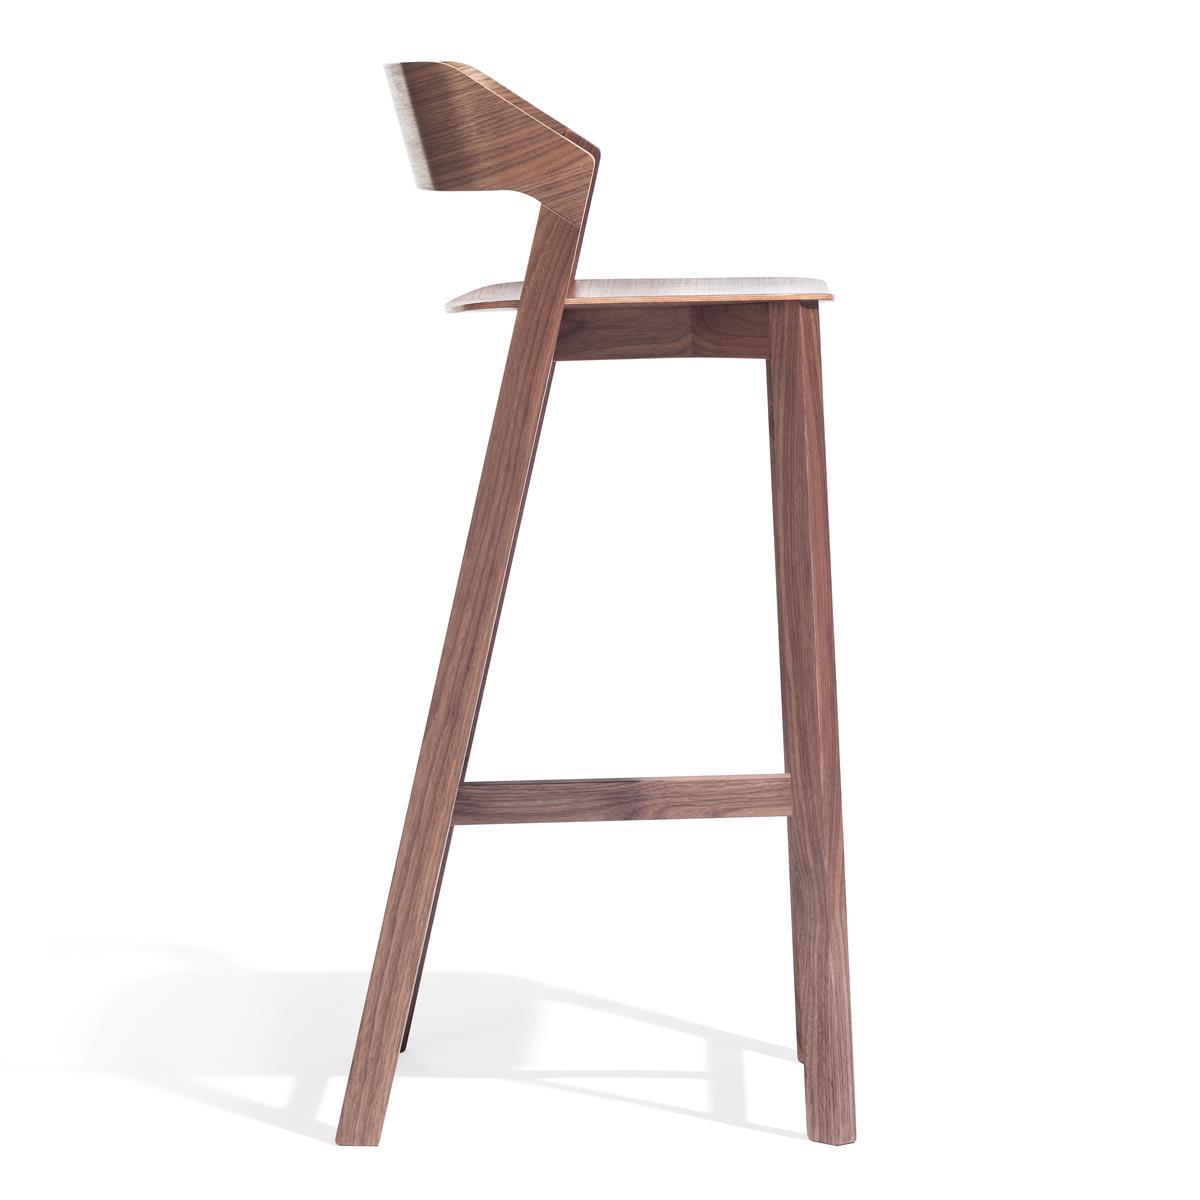 Barhocker Merano | TON a.s. - Von Menschen gefertigte Stühle